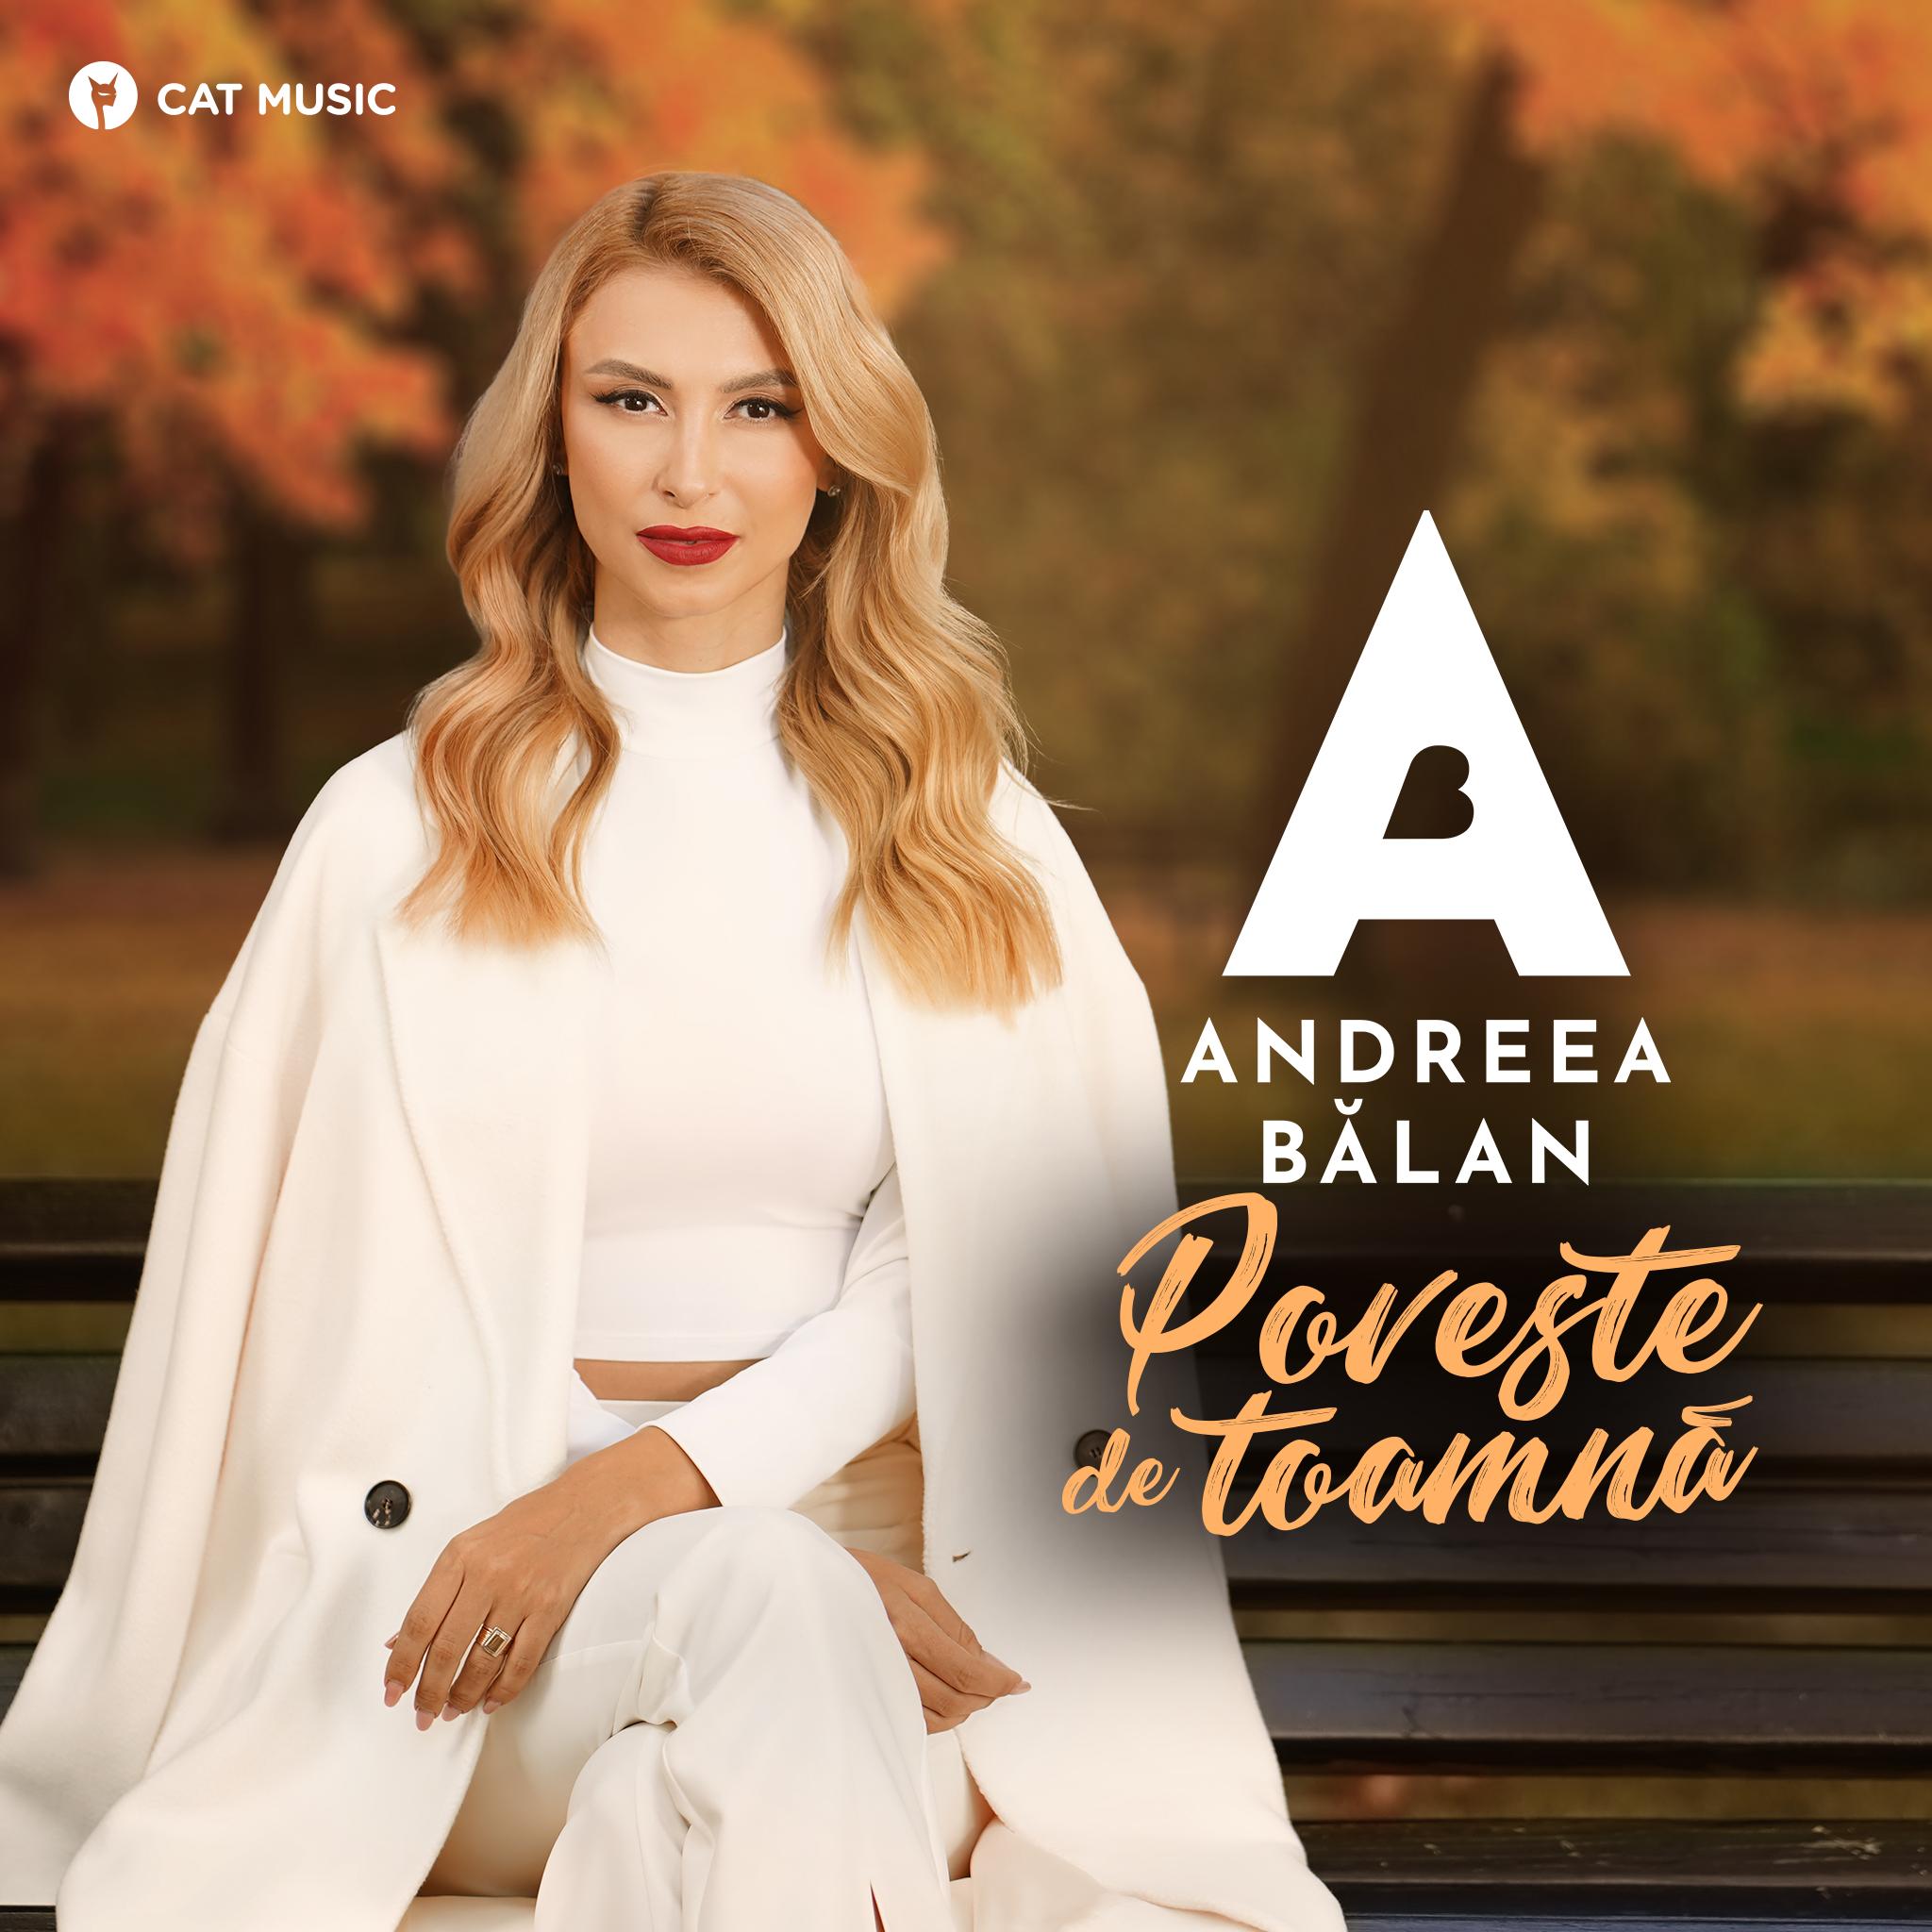 """Andreea Bălan lansează """"Poveste de toamnă"""""""